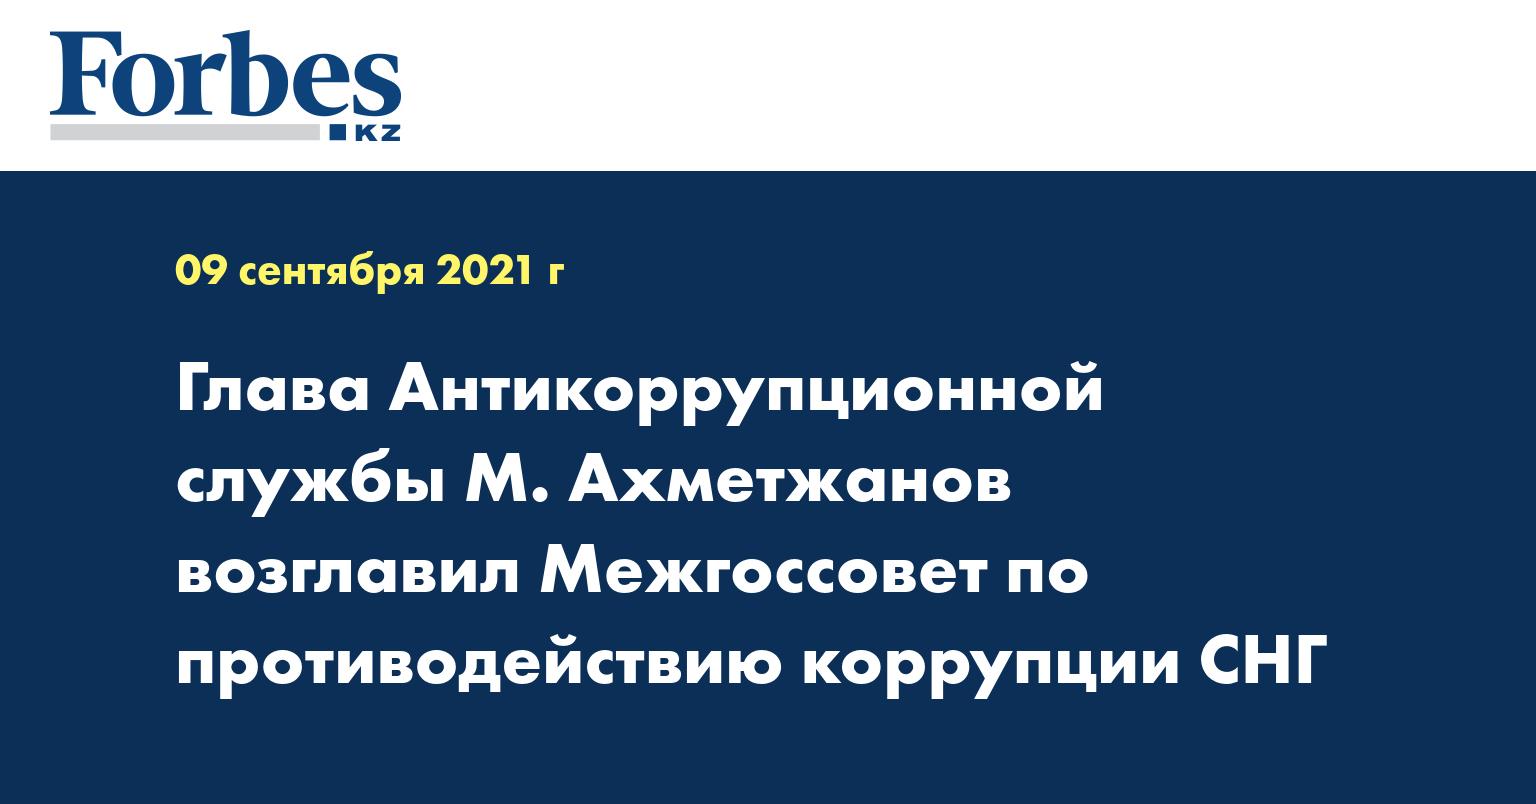 Глава Антикоррупционной службы   М. Ахметжанов возглавил Межгоссовет по противодействию коррупции СНГ